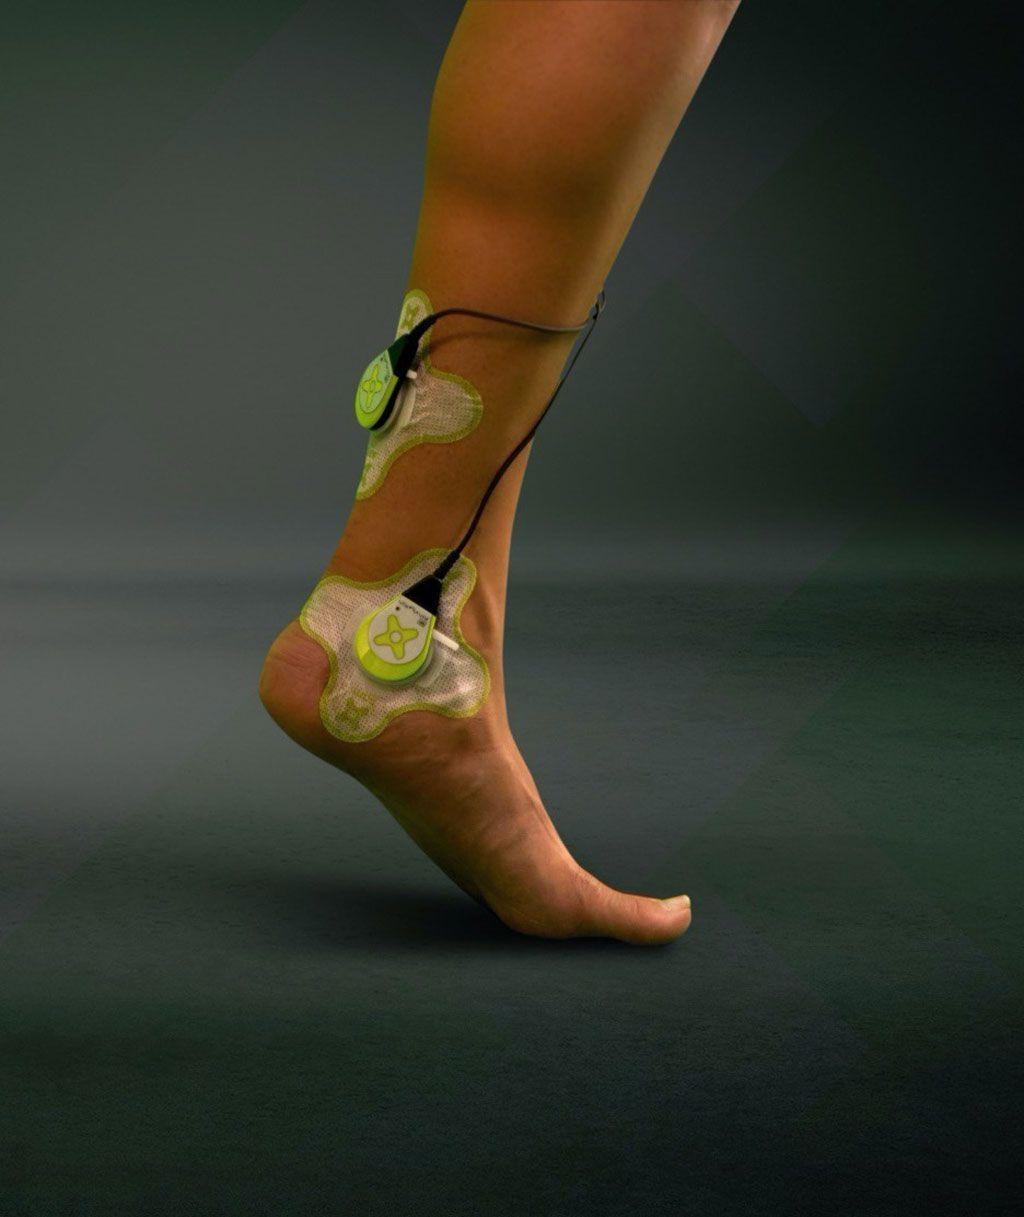 Imagen: El sam aplicado a una lesión del tendón de Aquiles para estimular la reconstrucción de la matriz de colágeno (Fotografía cortesía de ZetrOZ Systems)